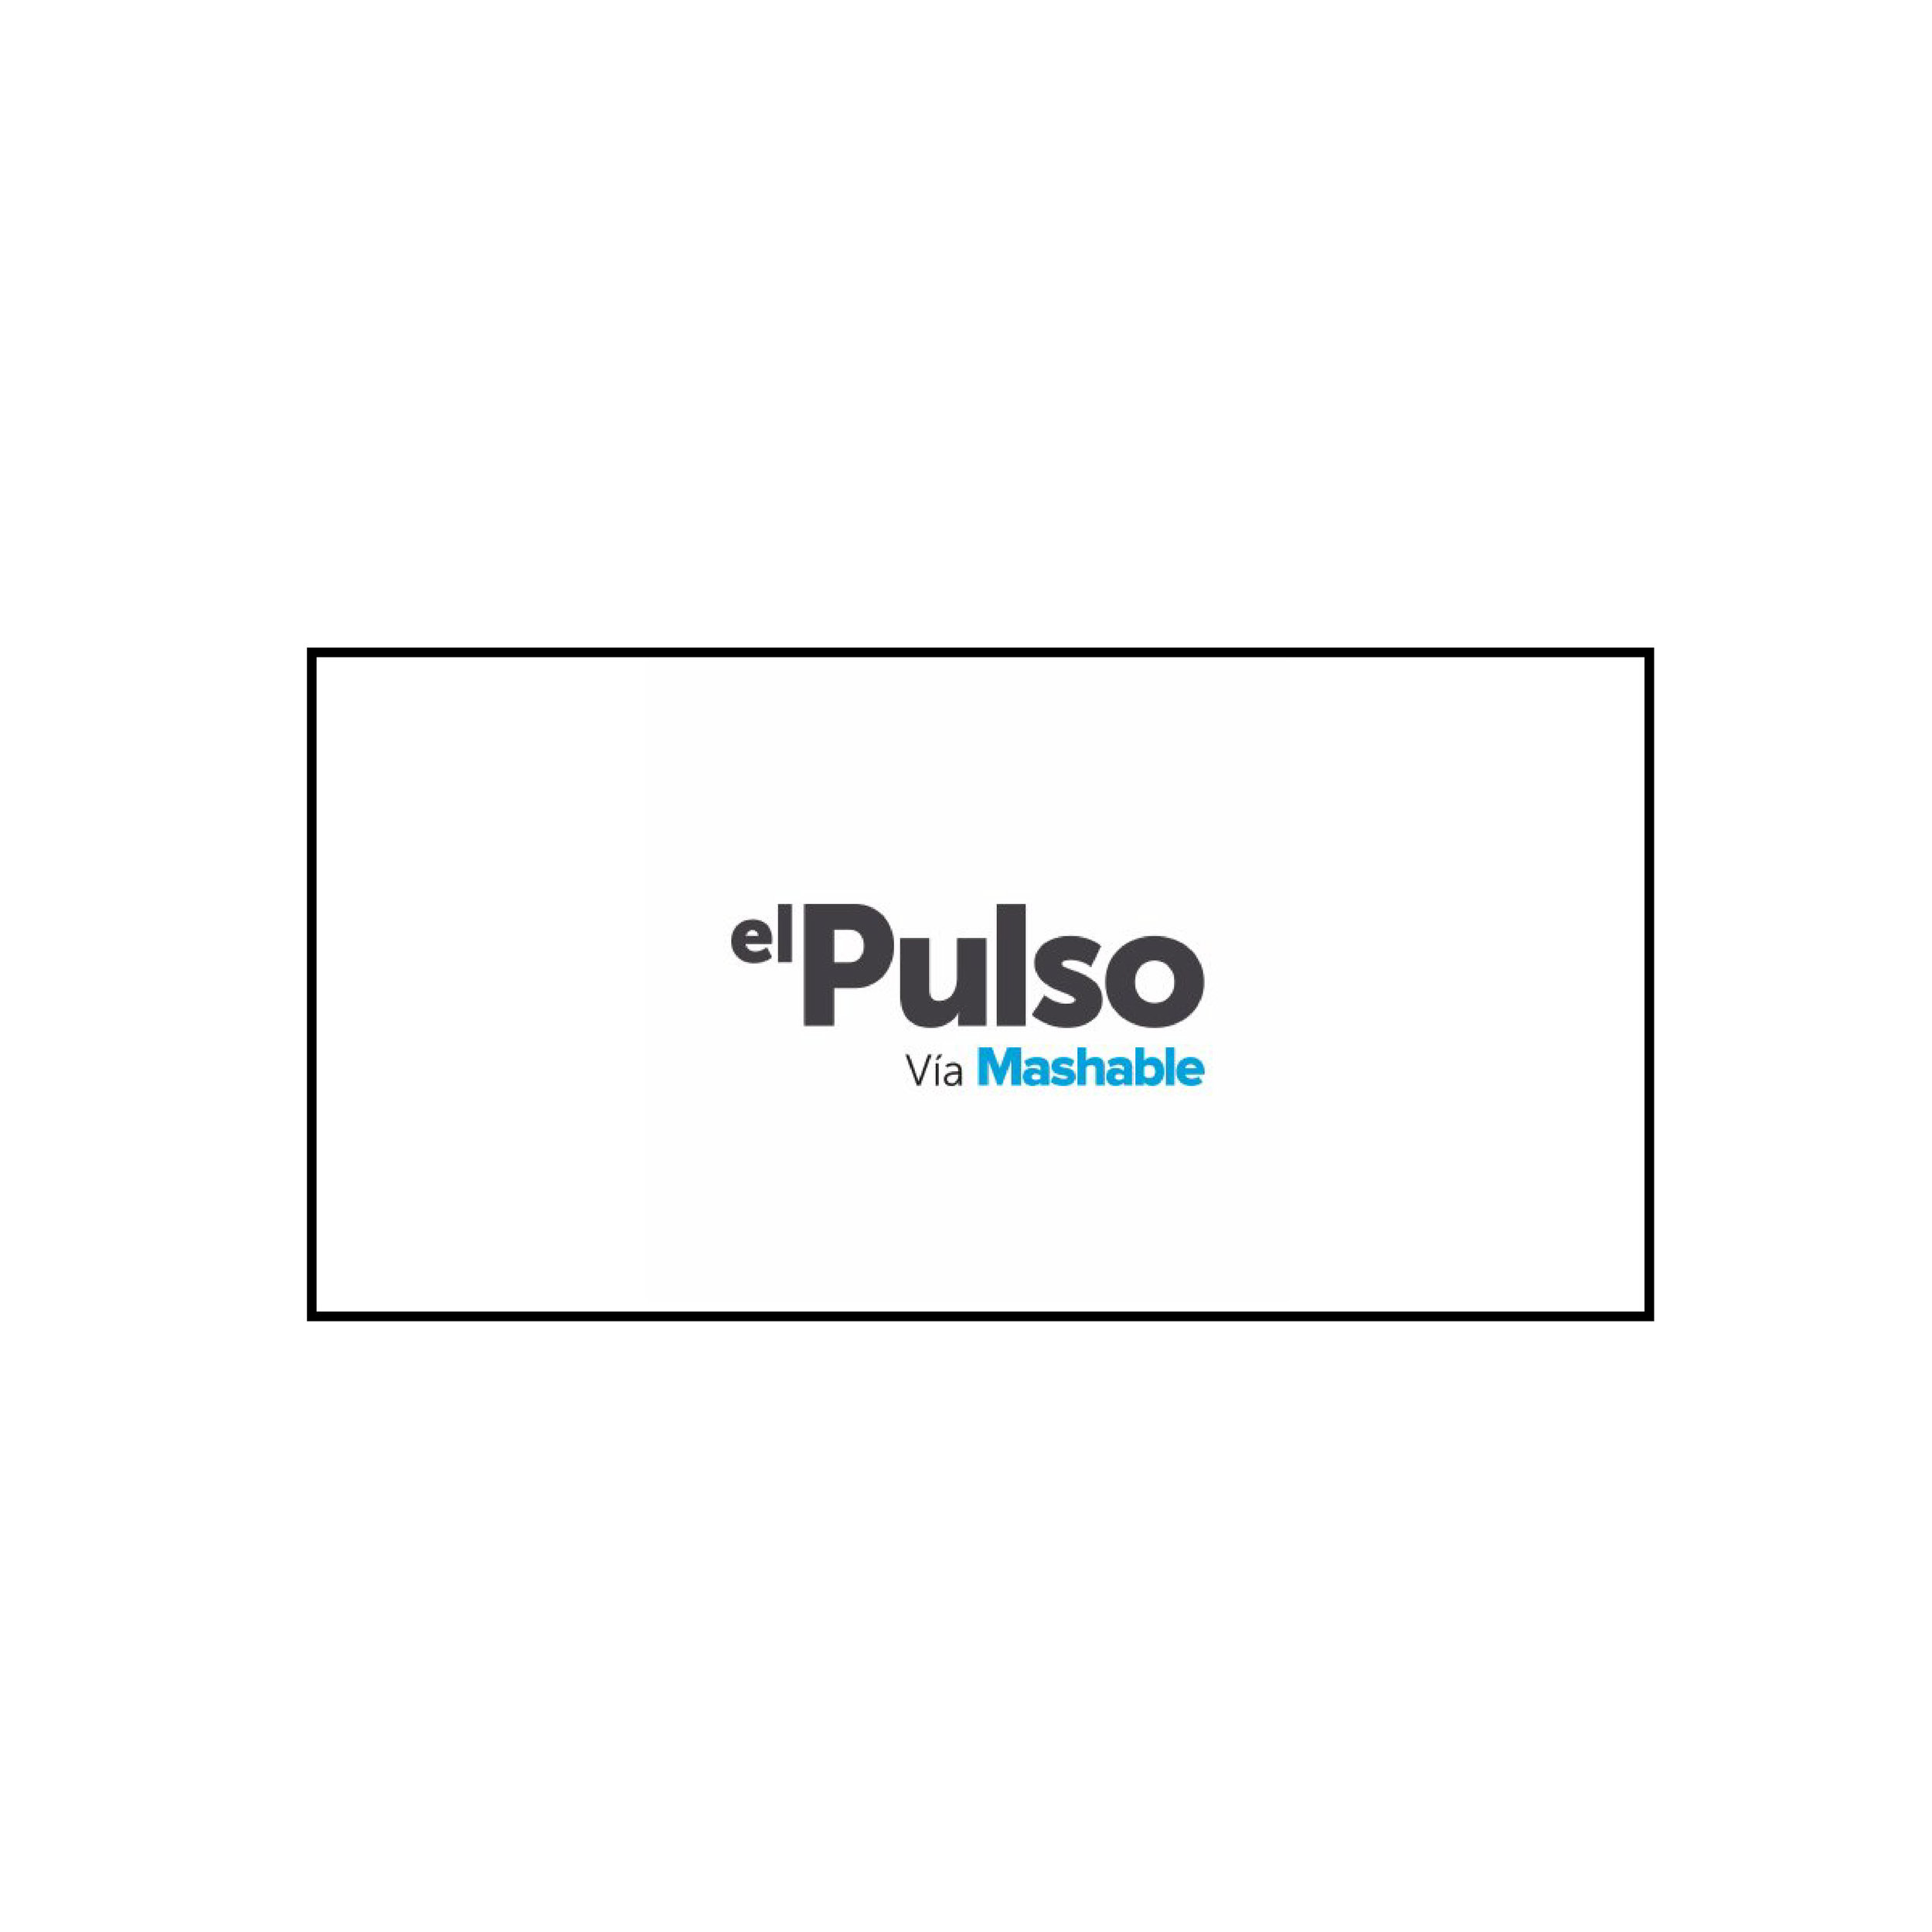 _EL PULSO.jpg